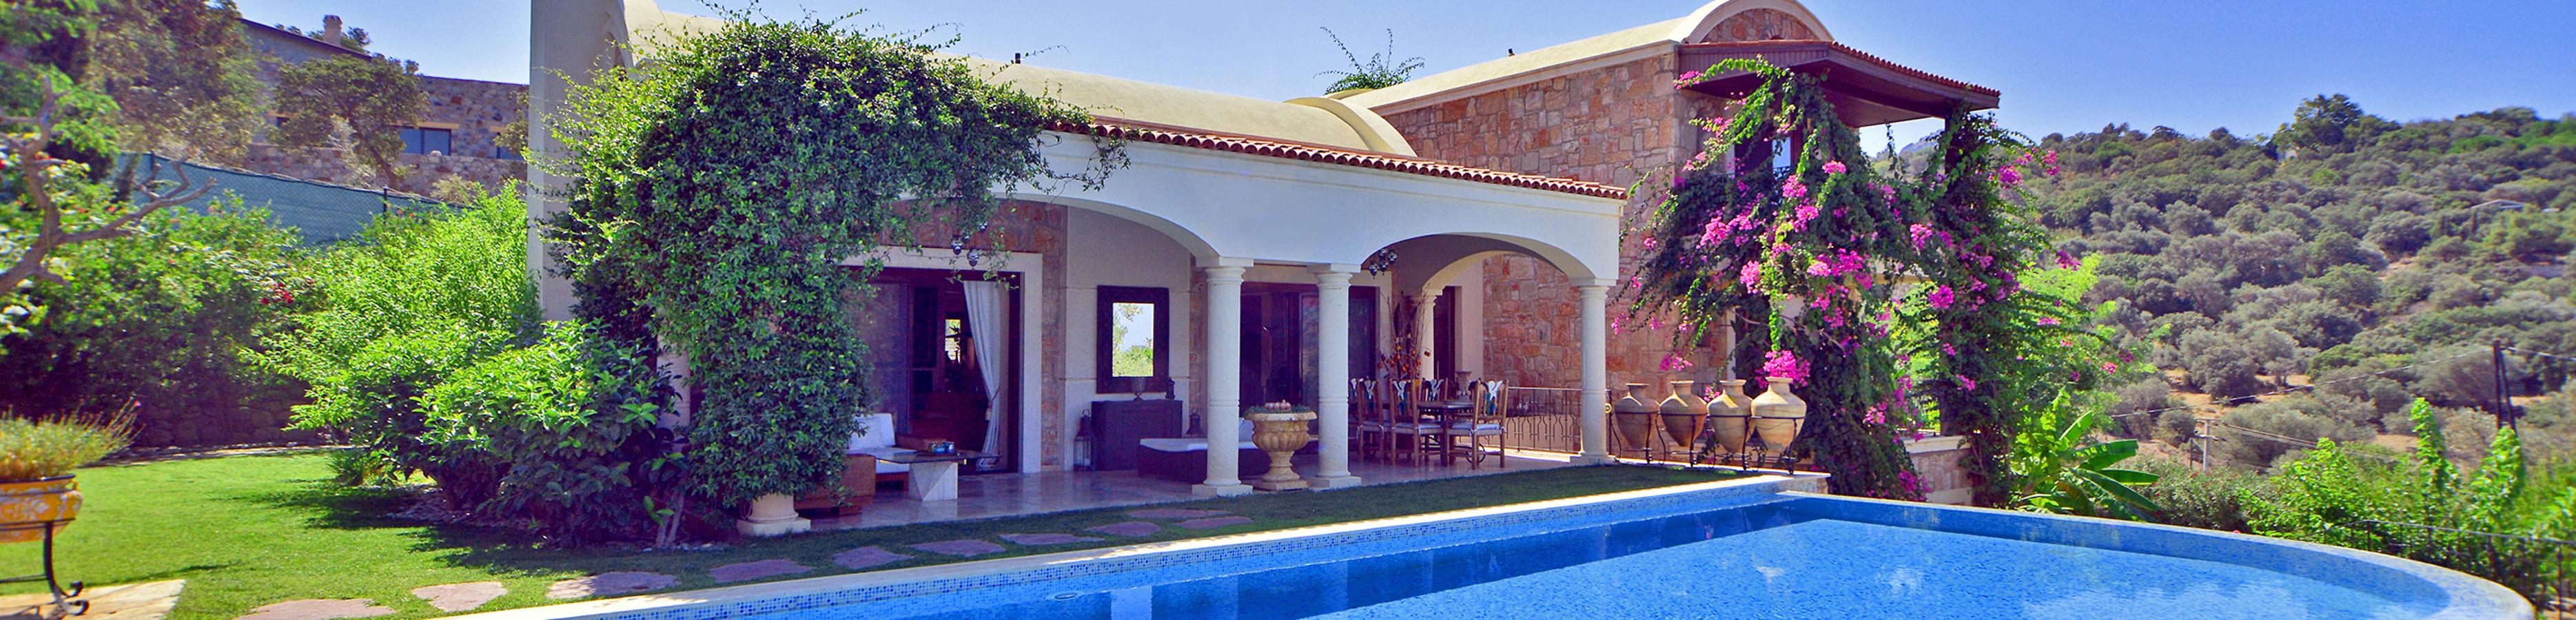 Luxe villa Yalıkavak Bodrum te koop privé zwembad uitzonderlijke privacy